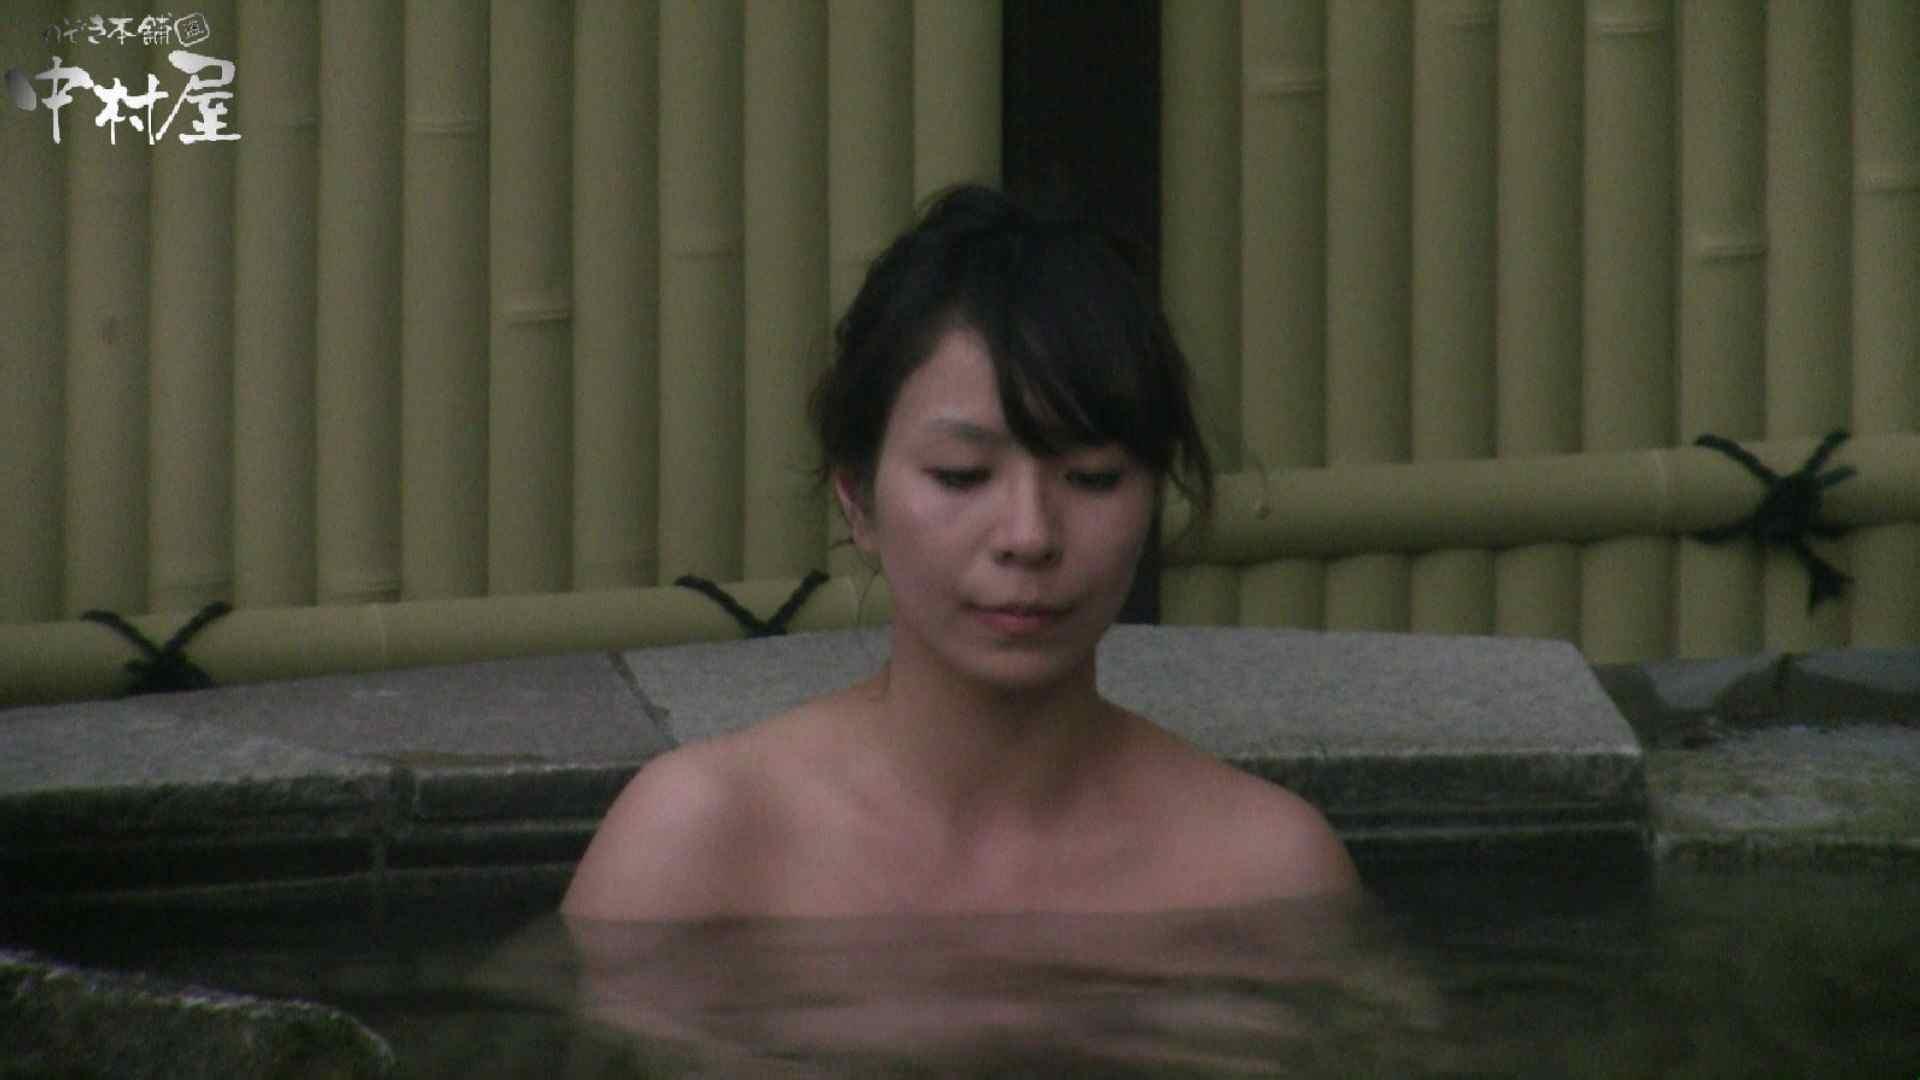 Aquaな露天風呂Vol.930 0  101pic 22